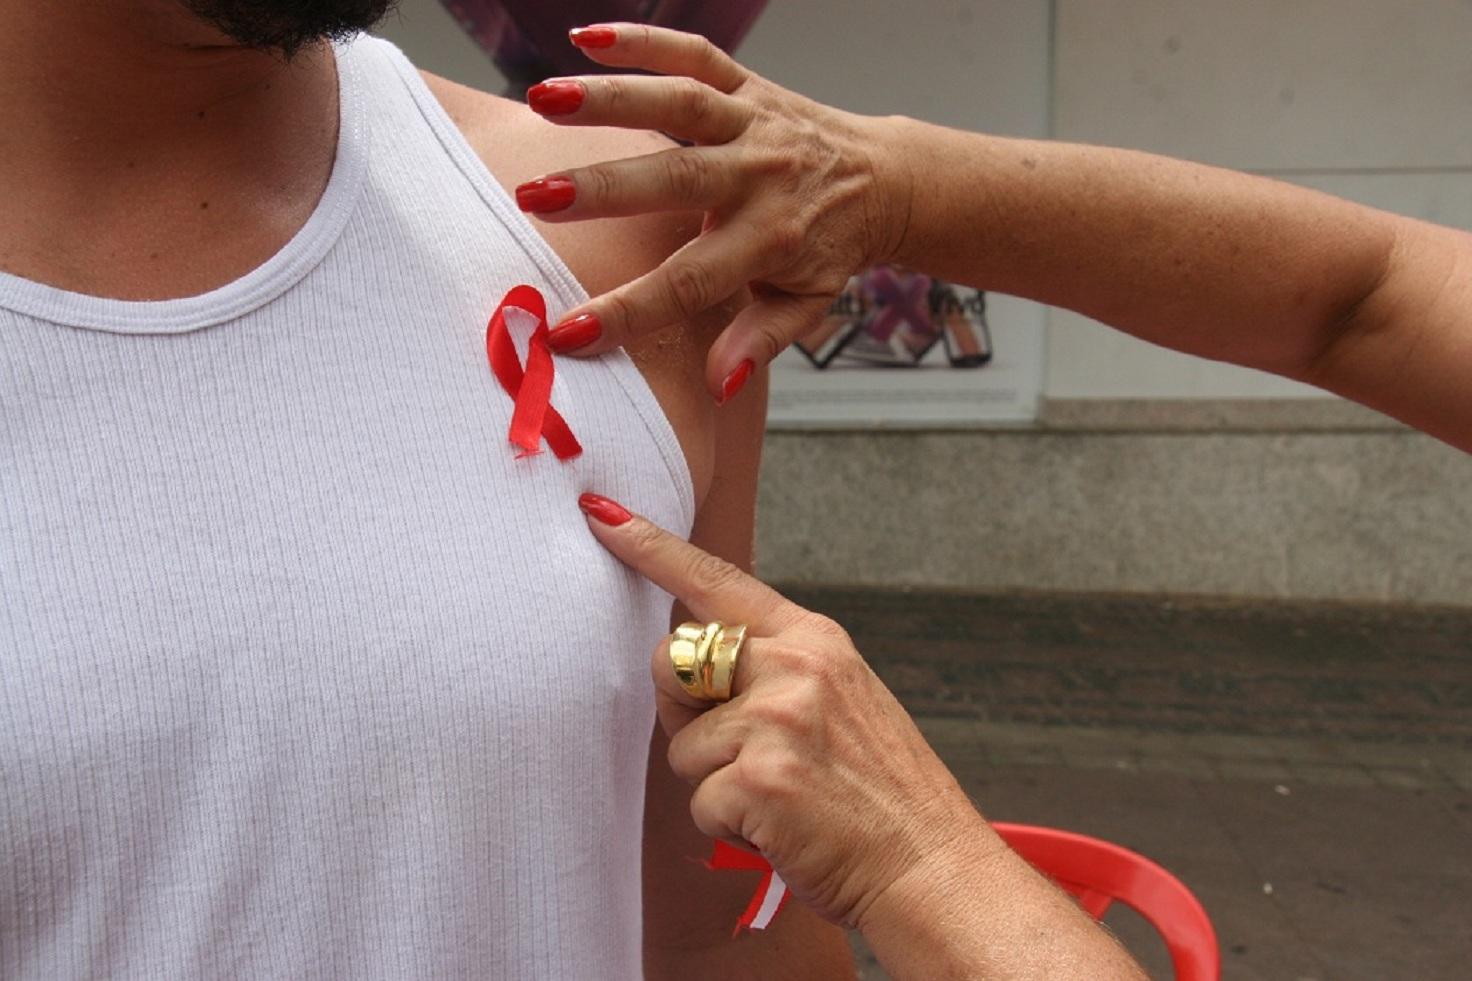 Estudo revolucionário abre caminho para erradicar o vírus HIV